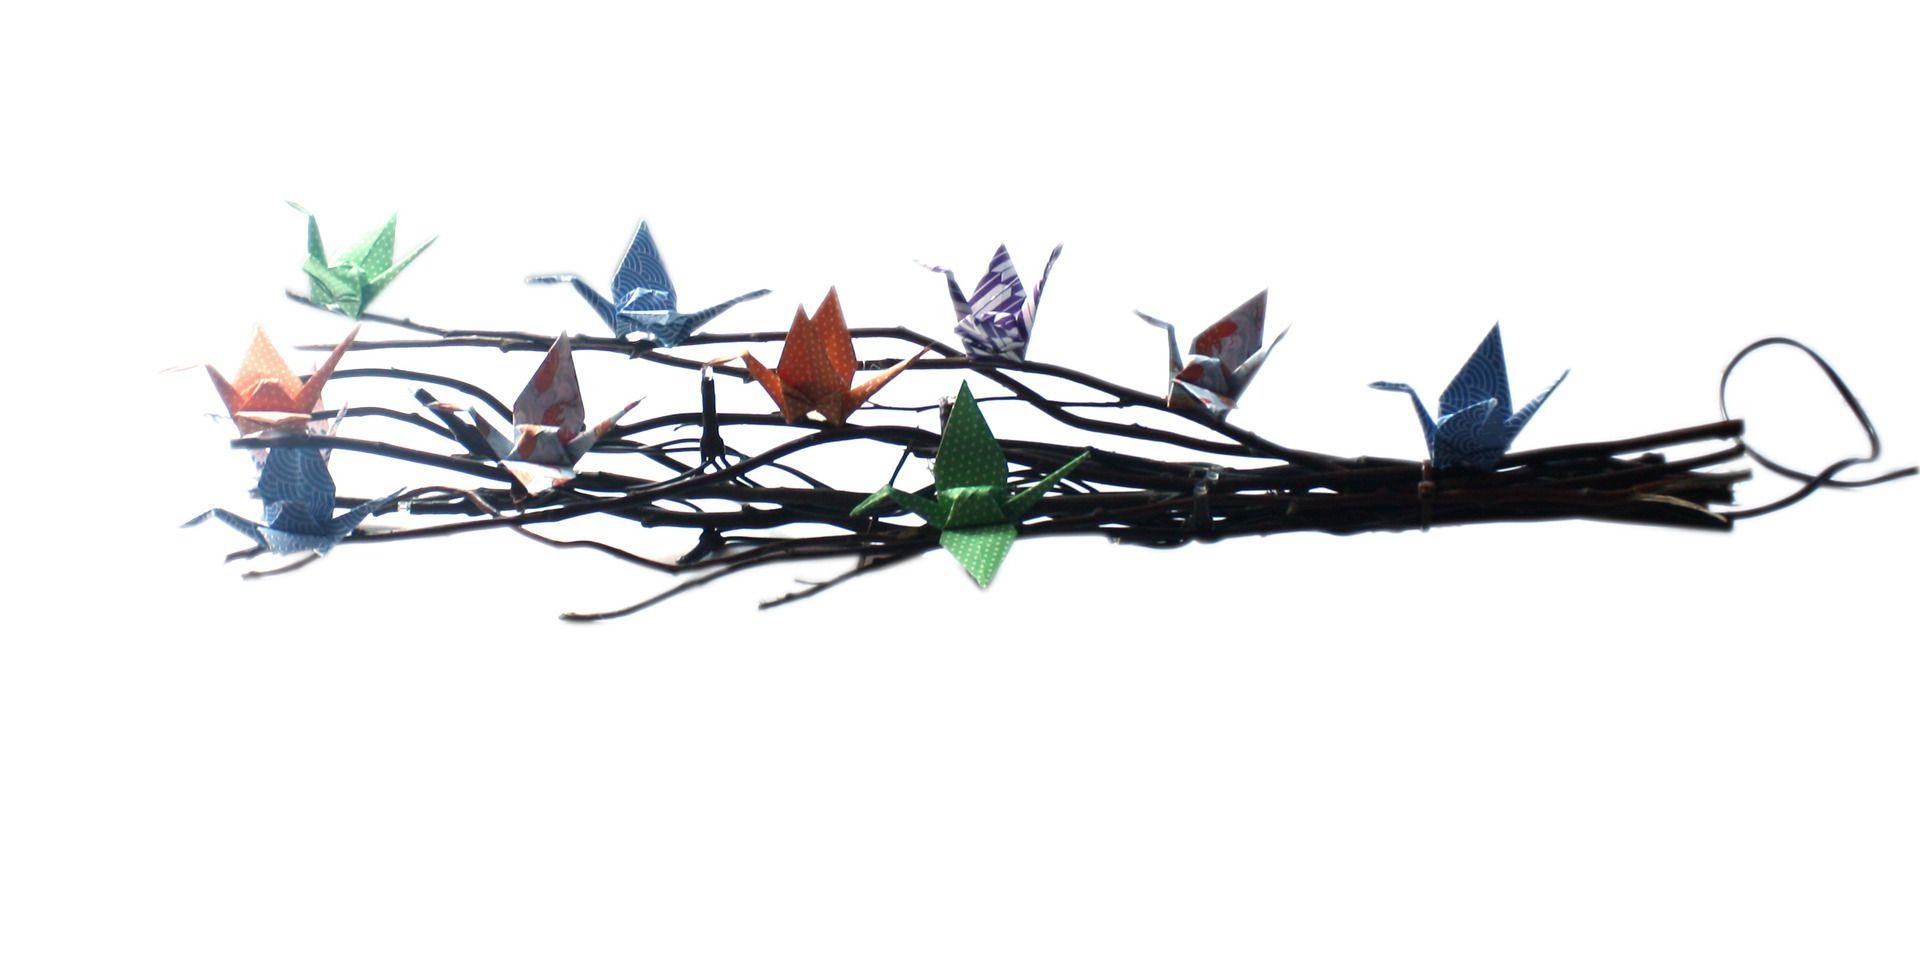 fagot de bois et grues origami d coration de no l pour centre de table ou meuble guirlande. Black Bedroom Furniture Sets. Home Design Ideas